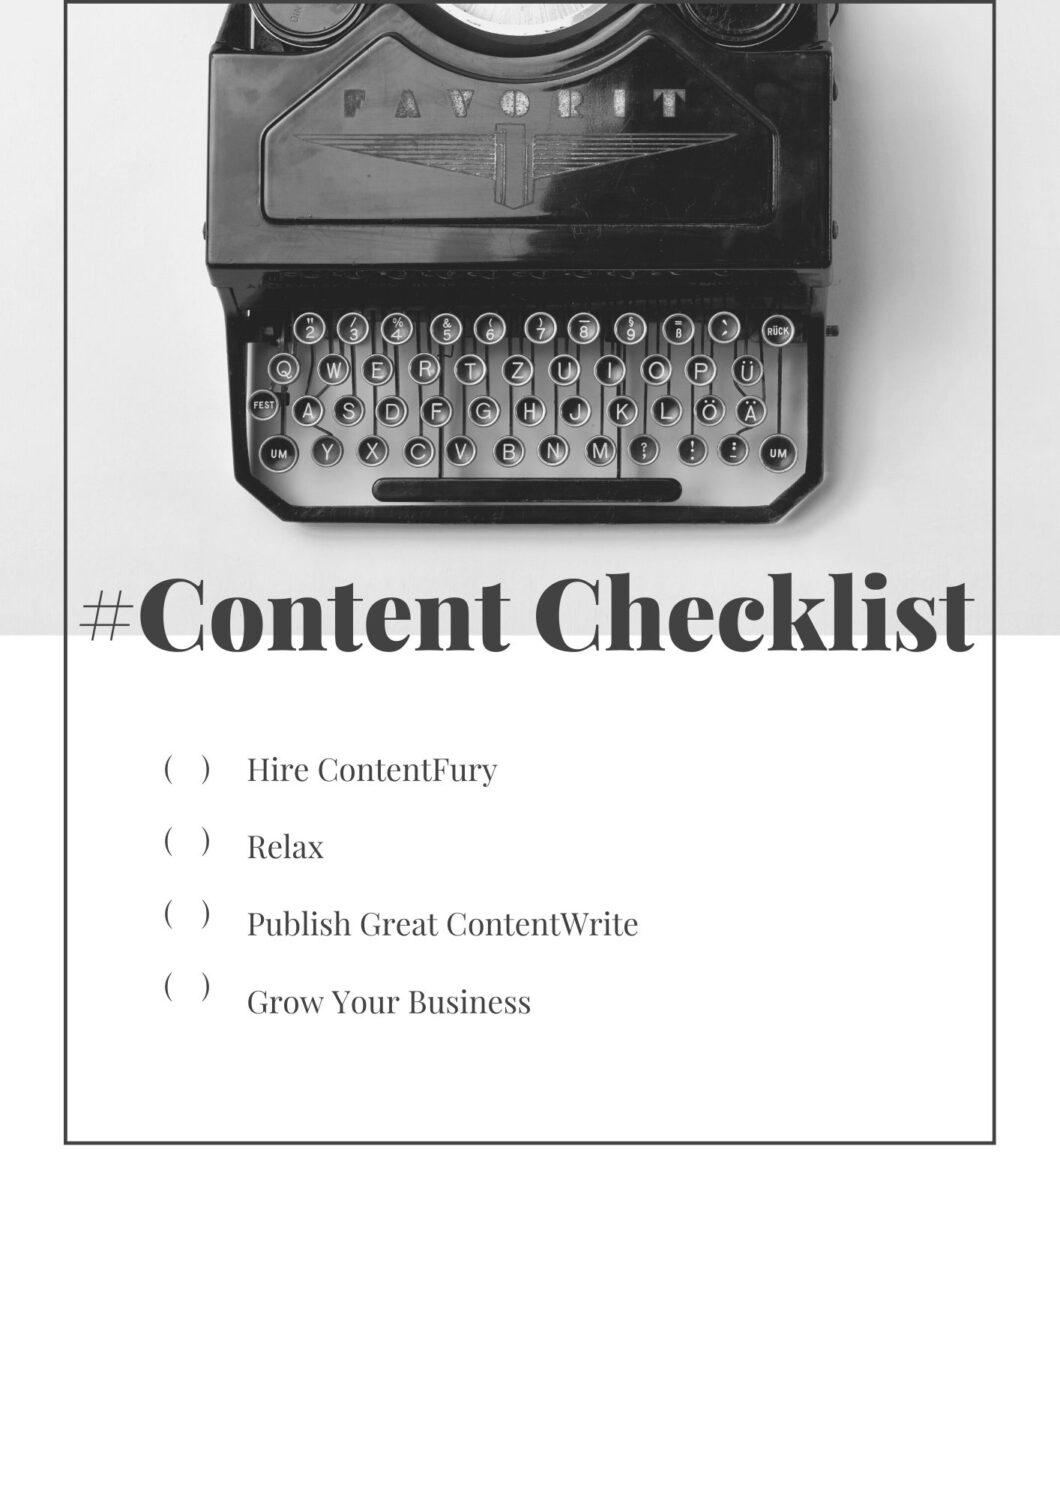 SEO Optimized Content Checklist